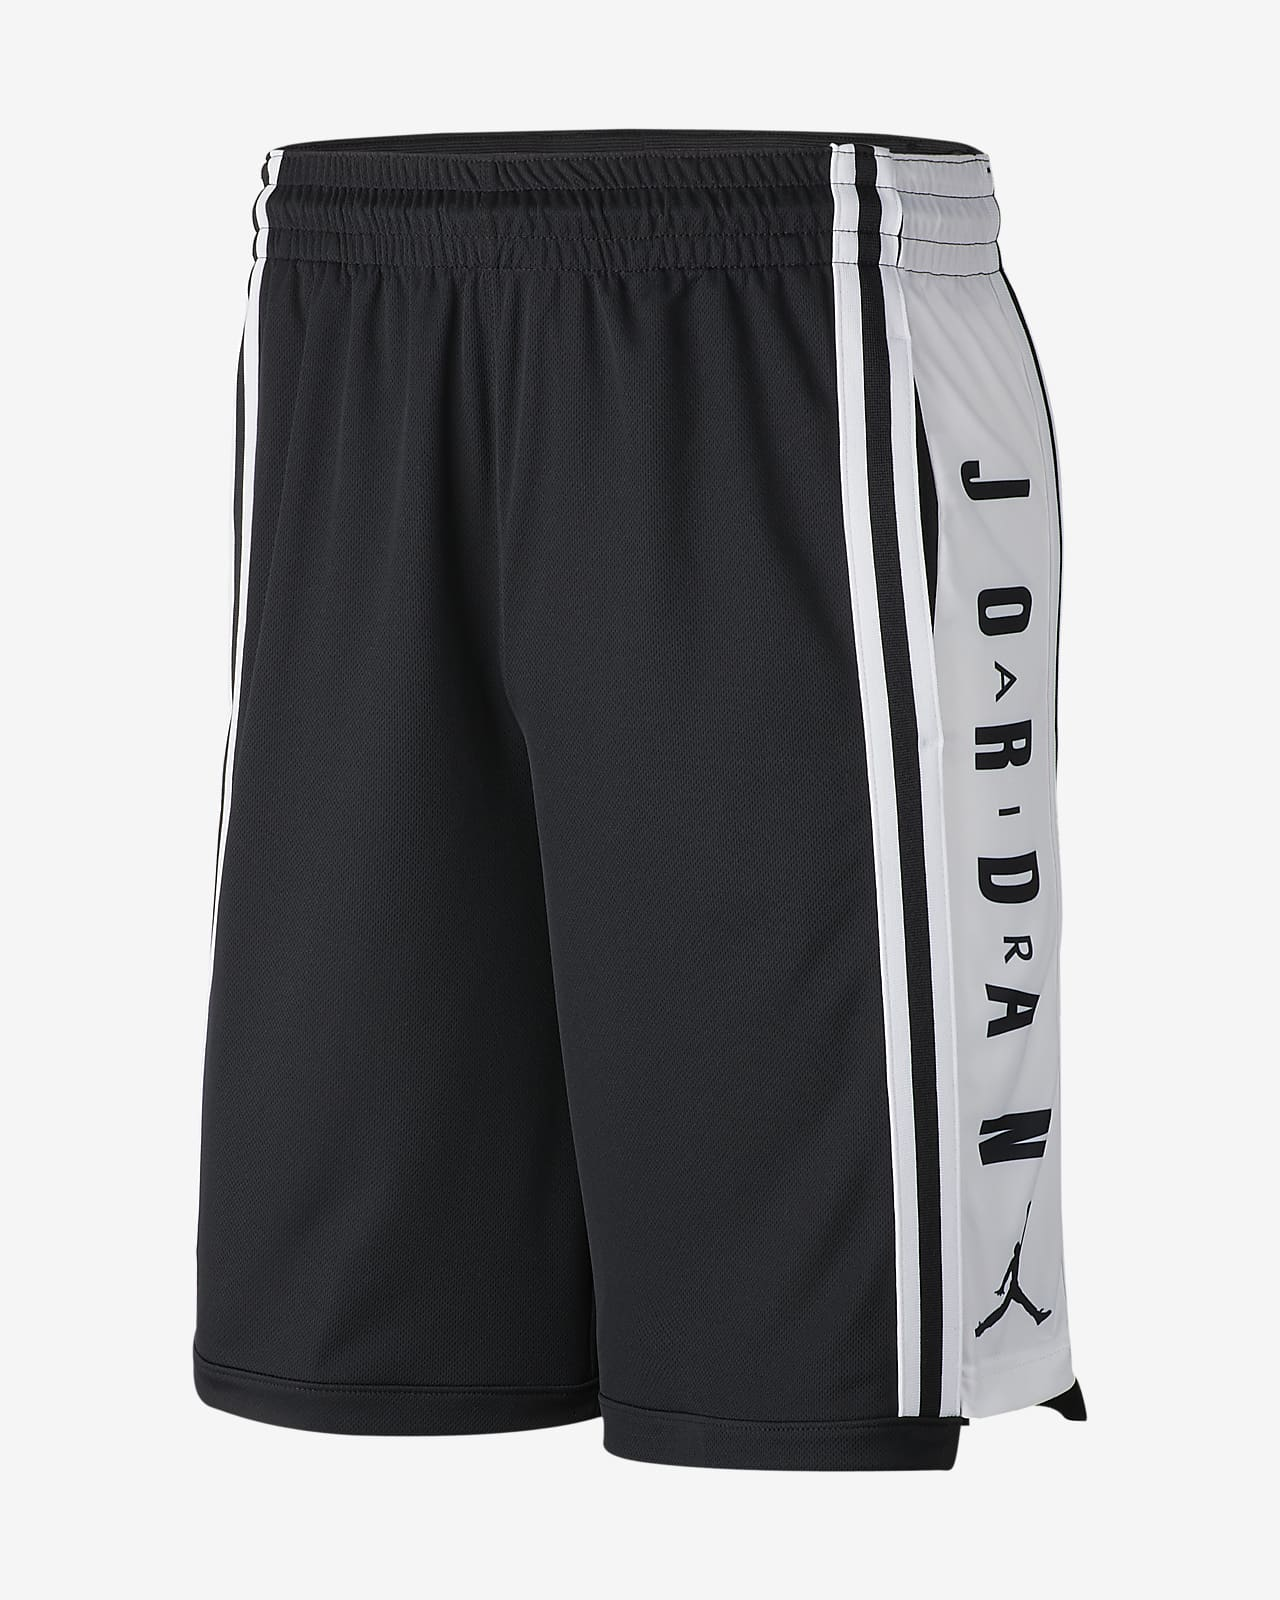 Jordan férfi kosárlabdás rövidnadrág